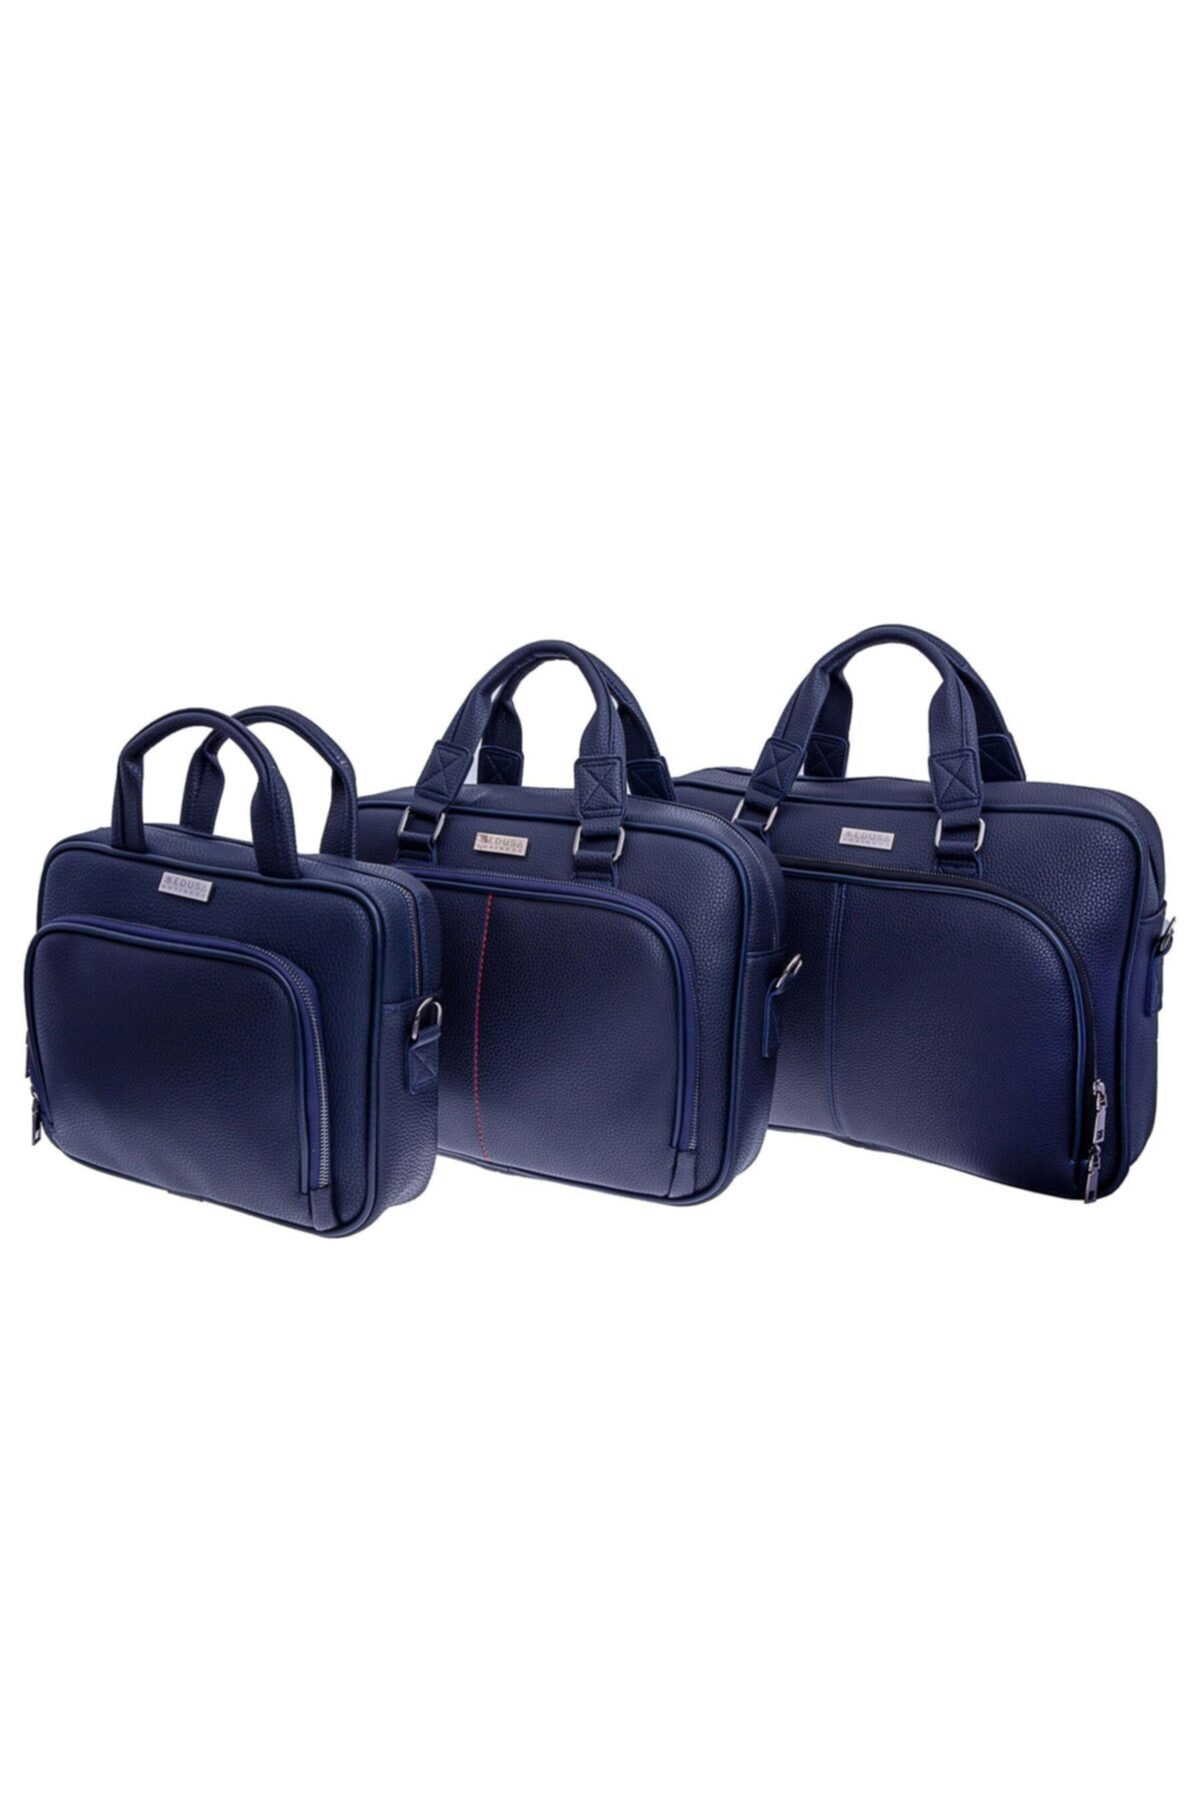 MEDUSA BUSİNESS Mavi Renk 15.6 Inch Laptop & Evrak Çantası 2